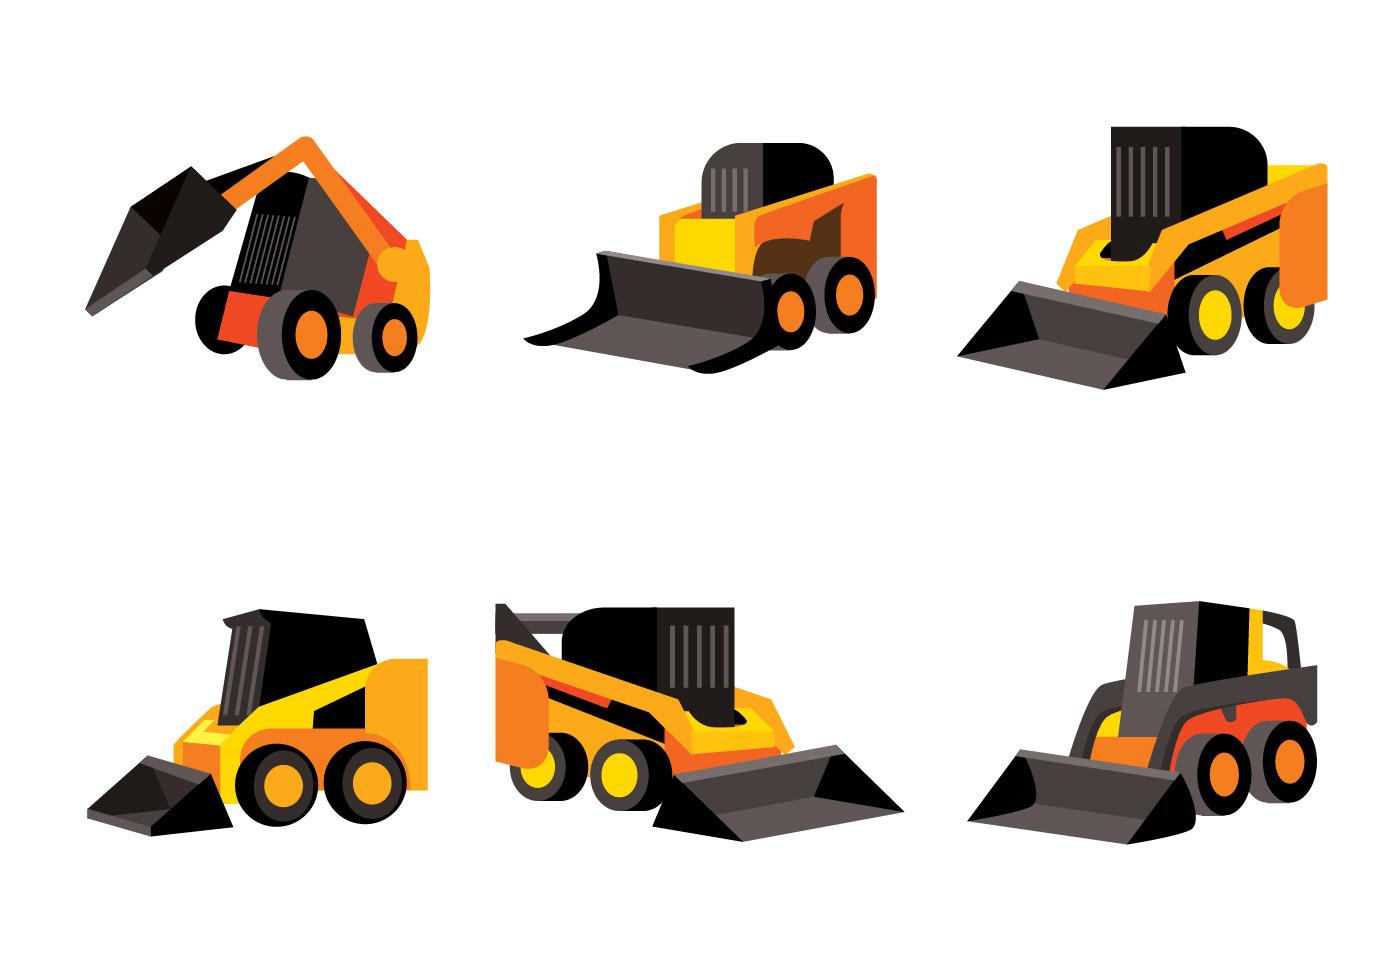 Skid Steer Vector - Download Free Vectors, Clipart Graphics & Vector Art